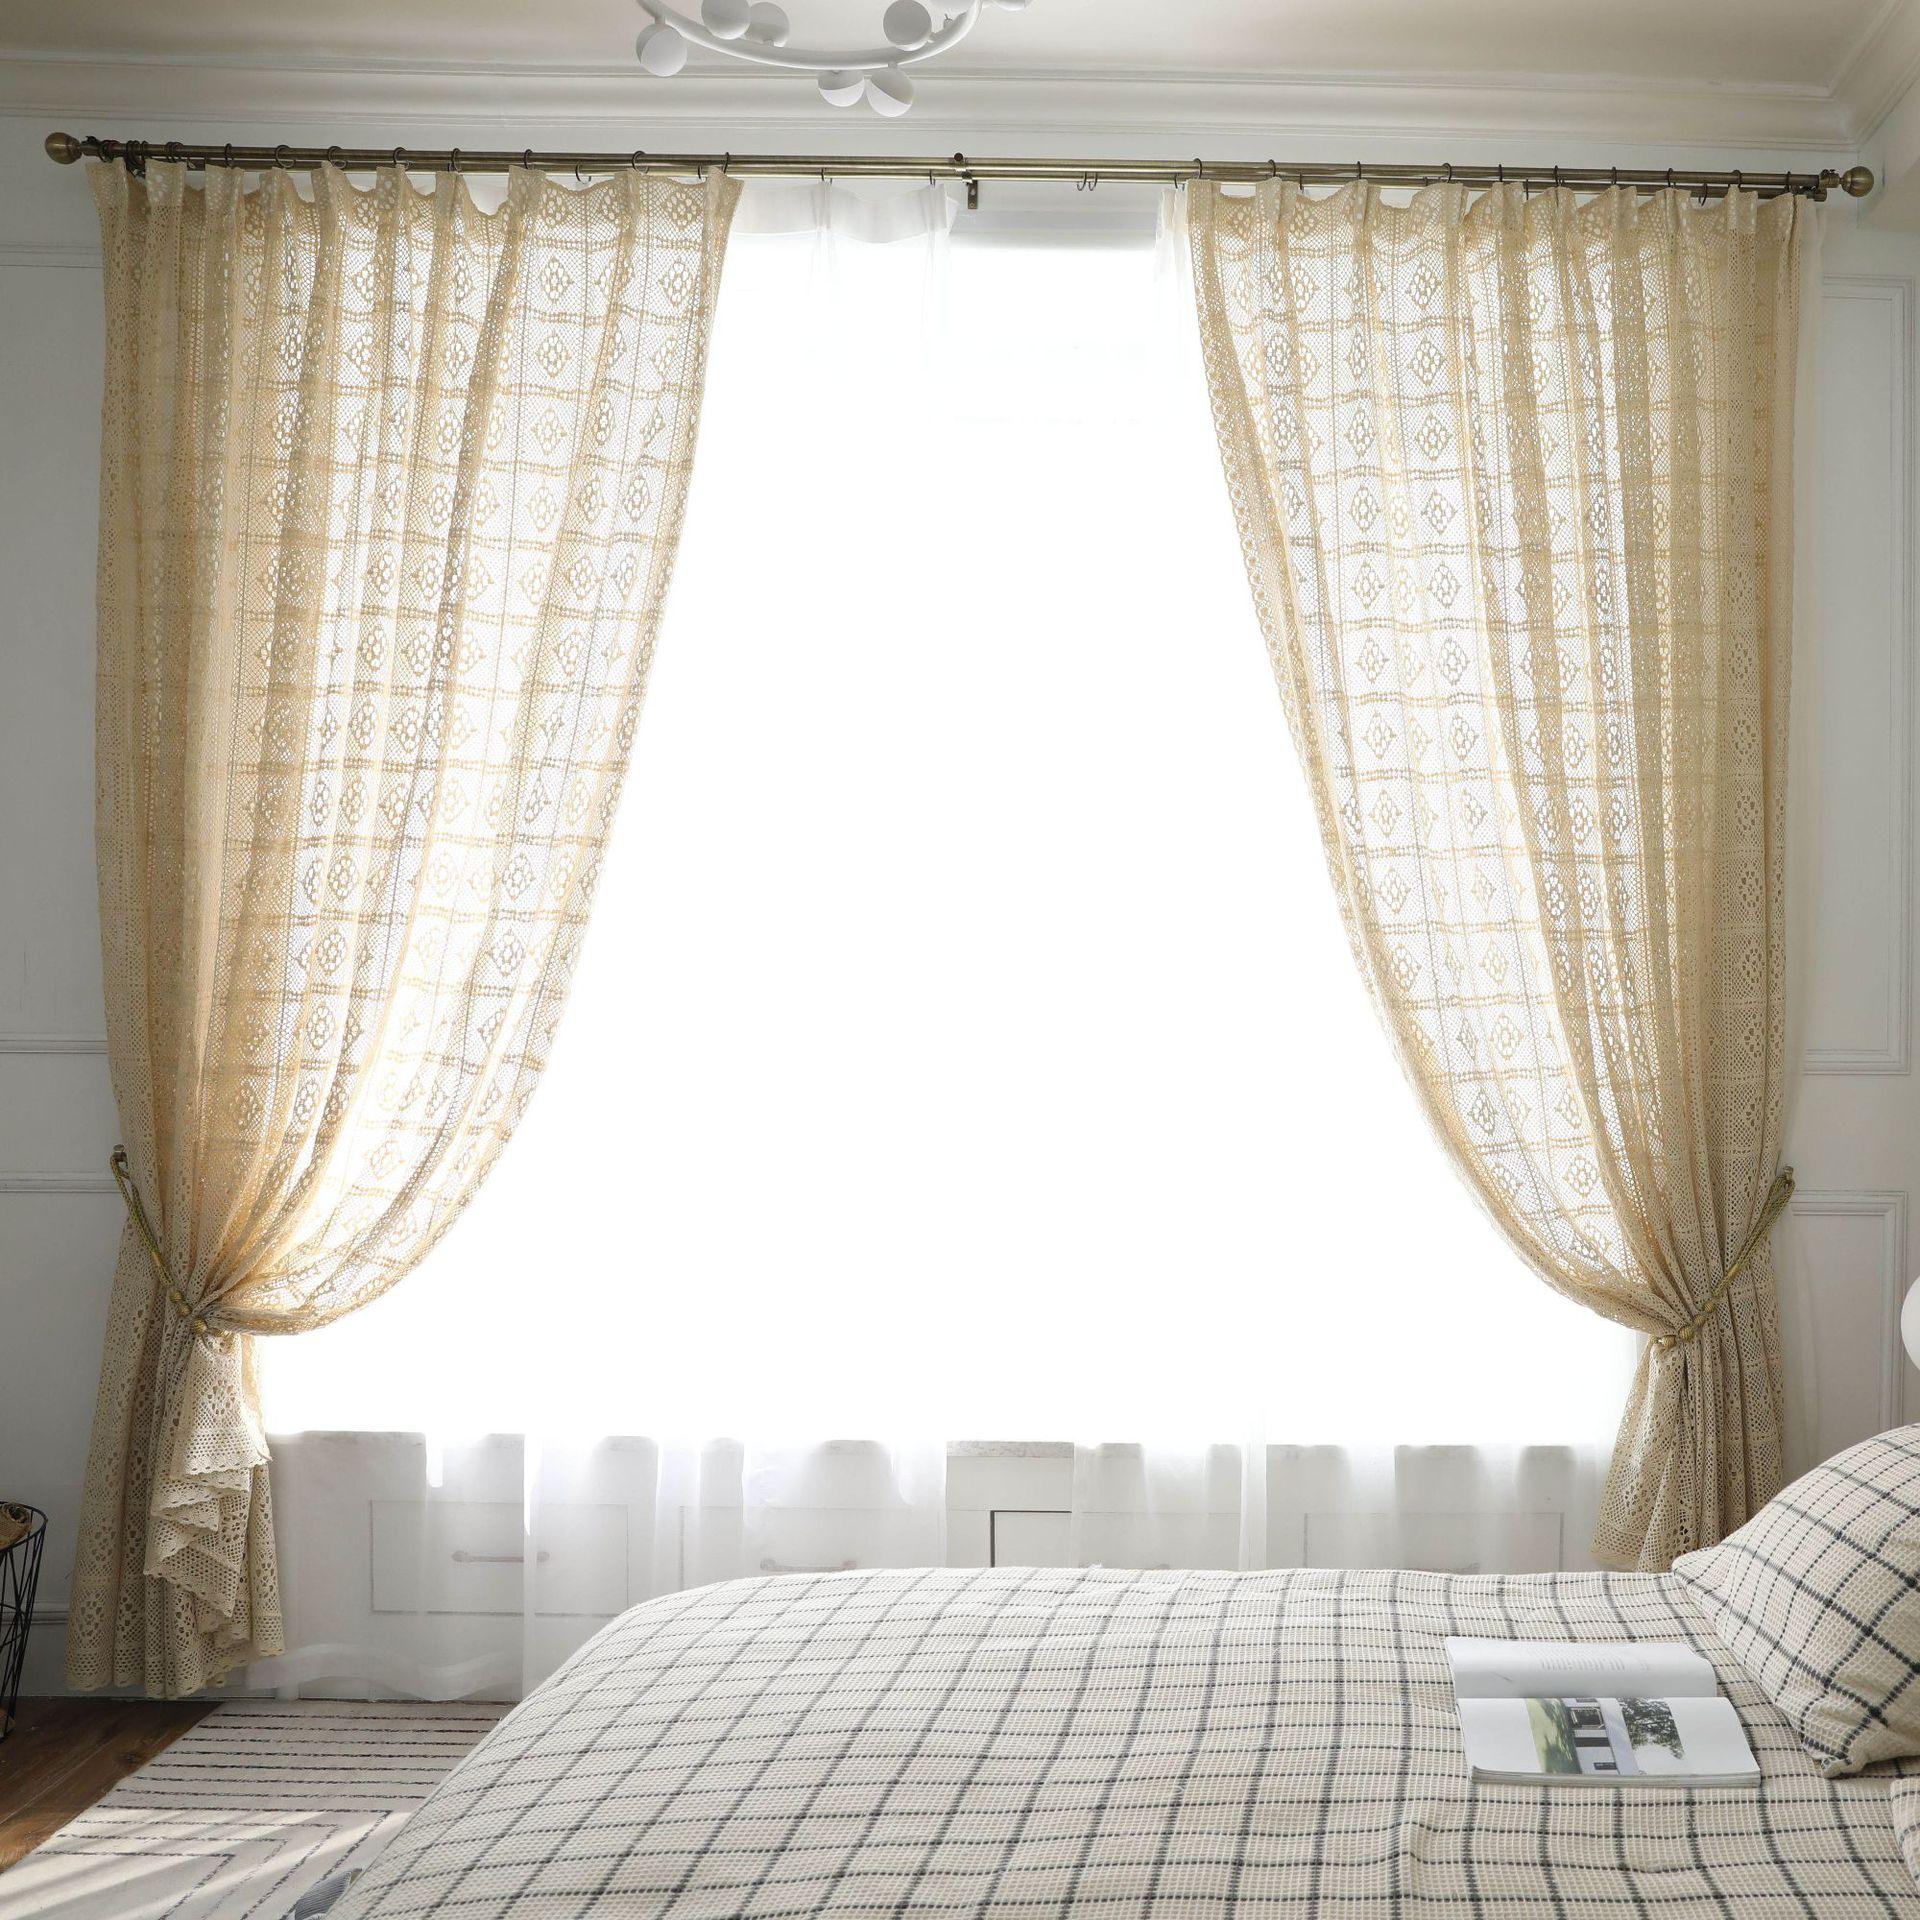 خمر نافذة الستار لغرفة المعيشة غرفة نوم الستائر الحديثة شير تول فستان من الدانتيل البيج اللون الأبيض